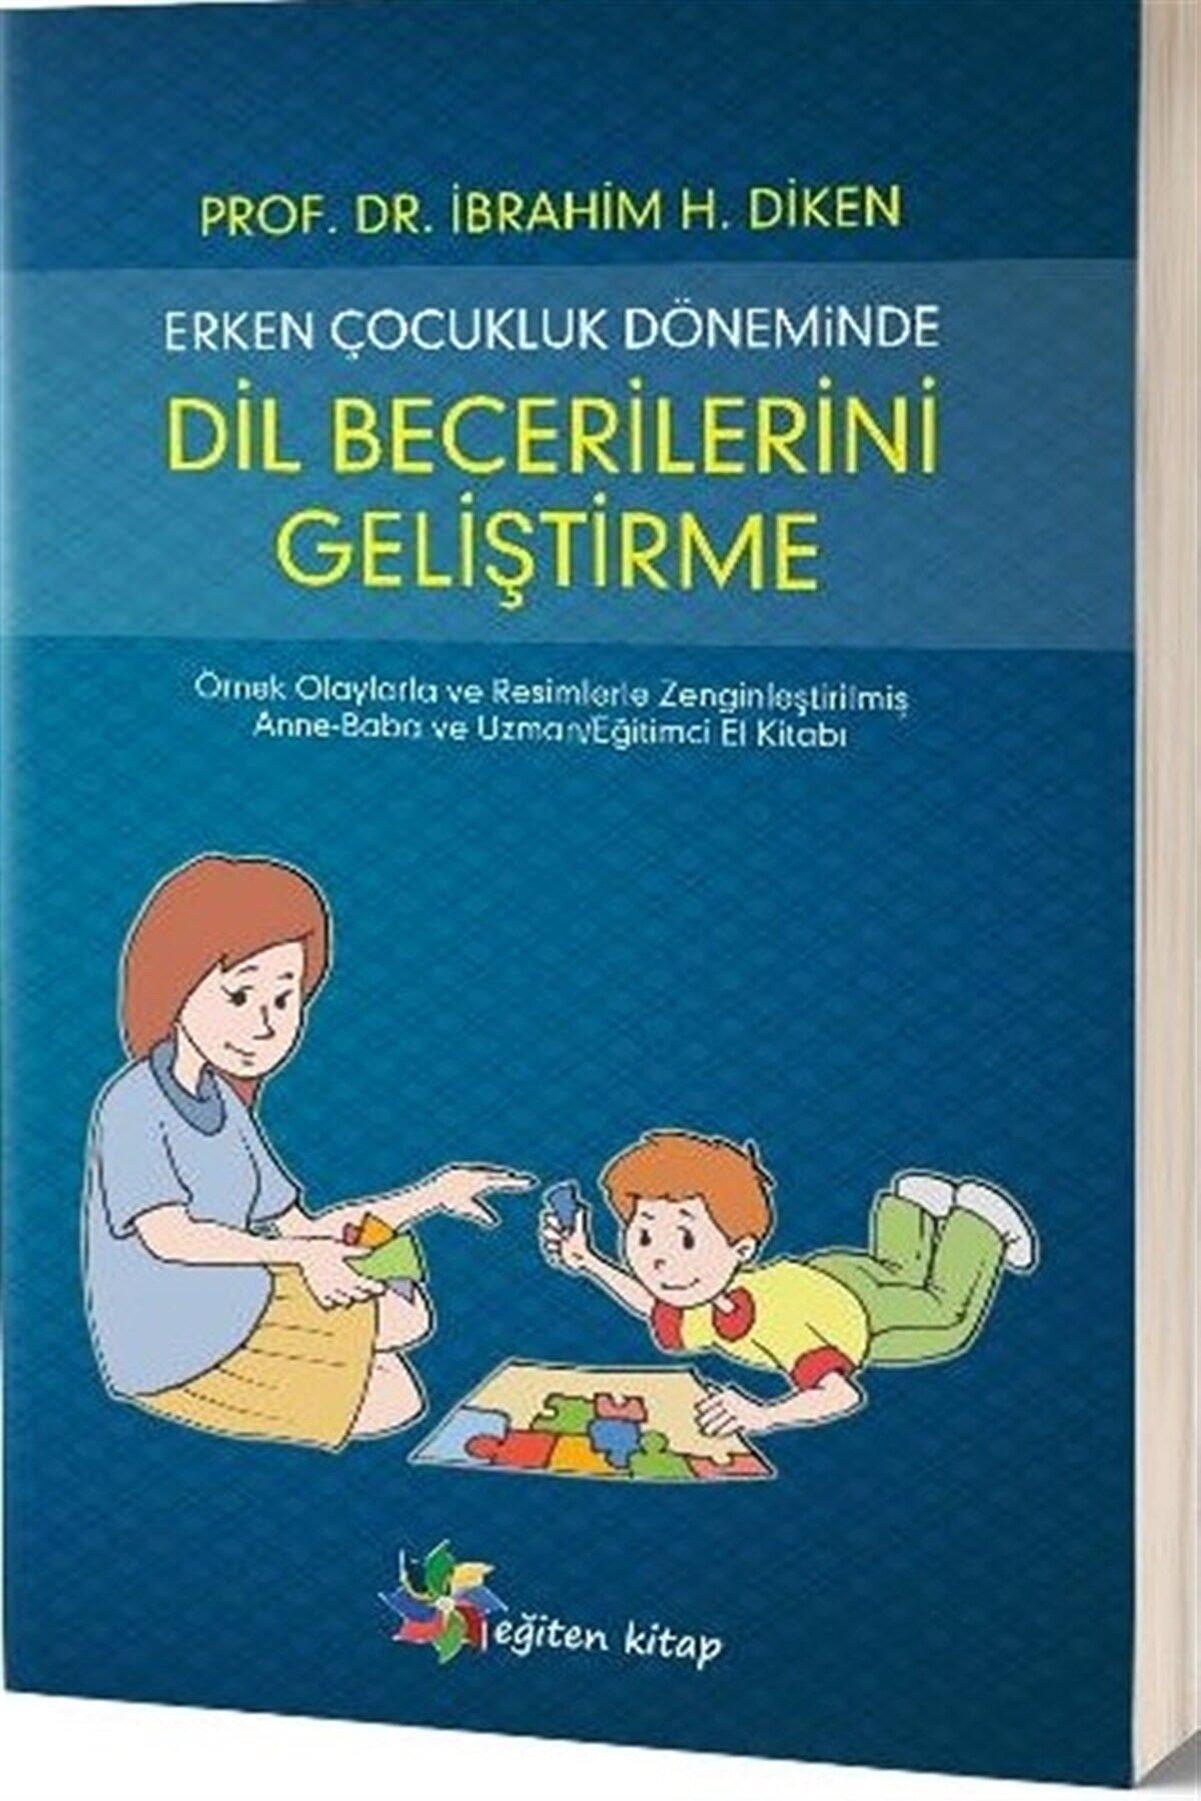 Eğiten Kitap Erken Çocukluk Döneminde Dil Becerilerini Geliştirme - İbrahim H. Diken